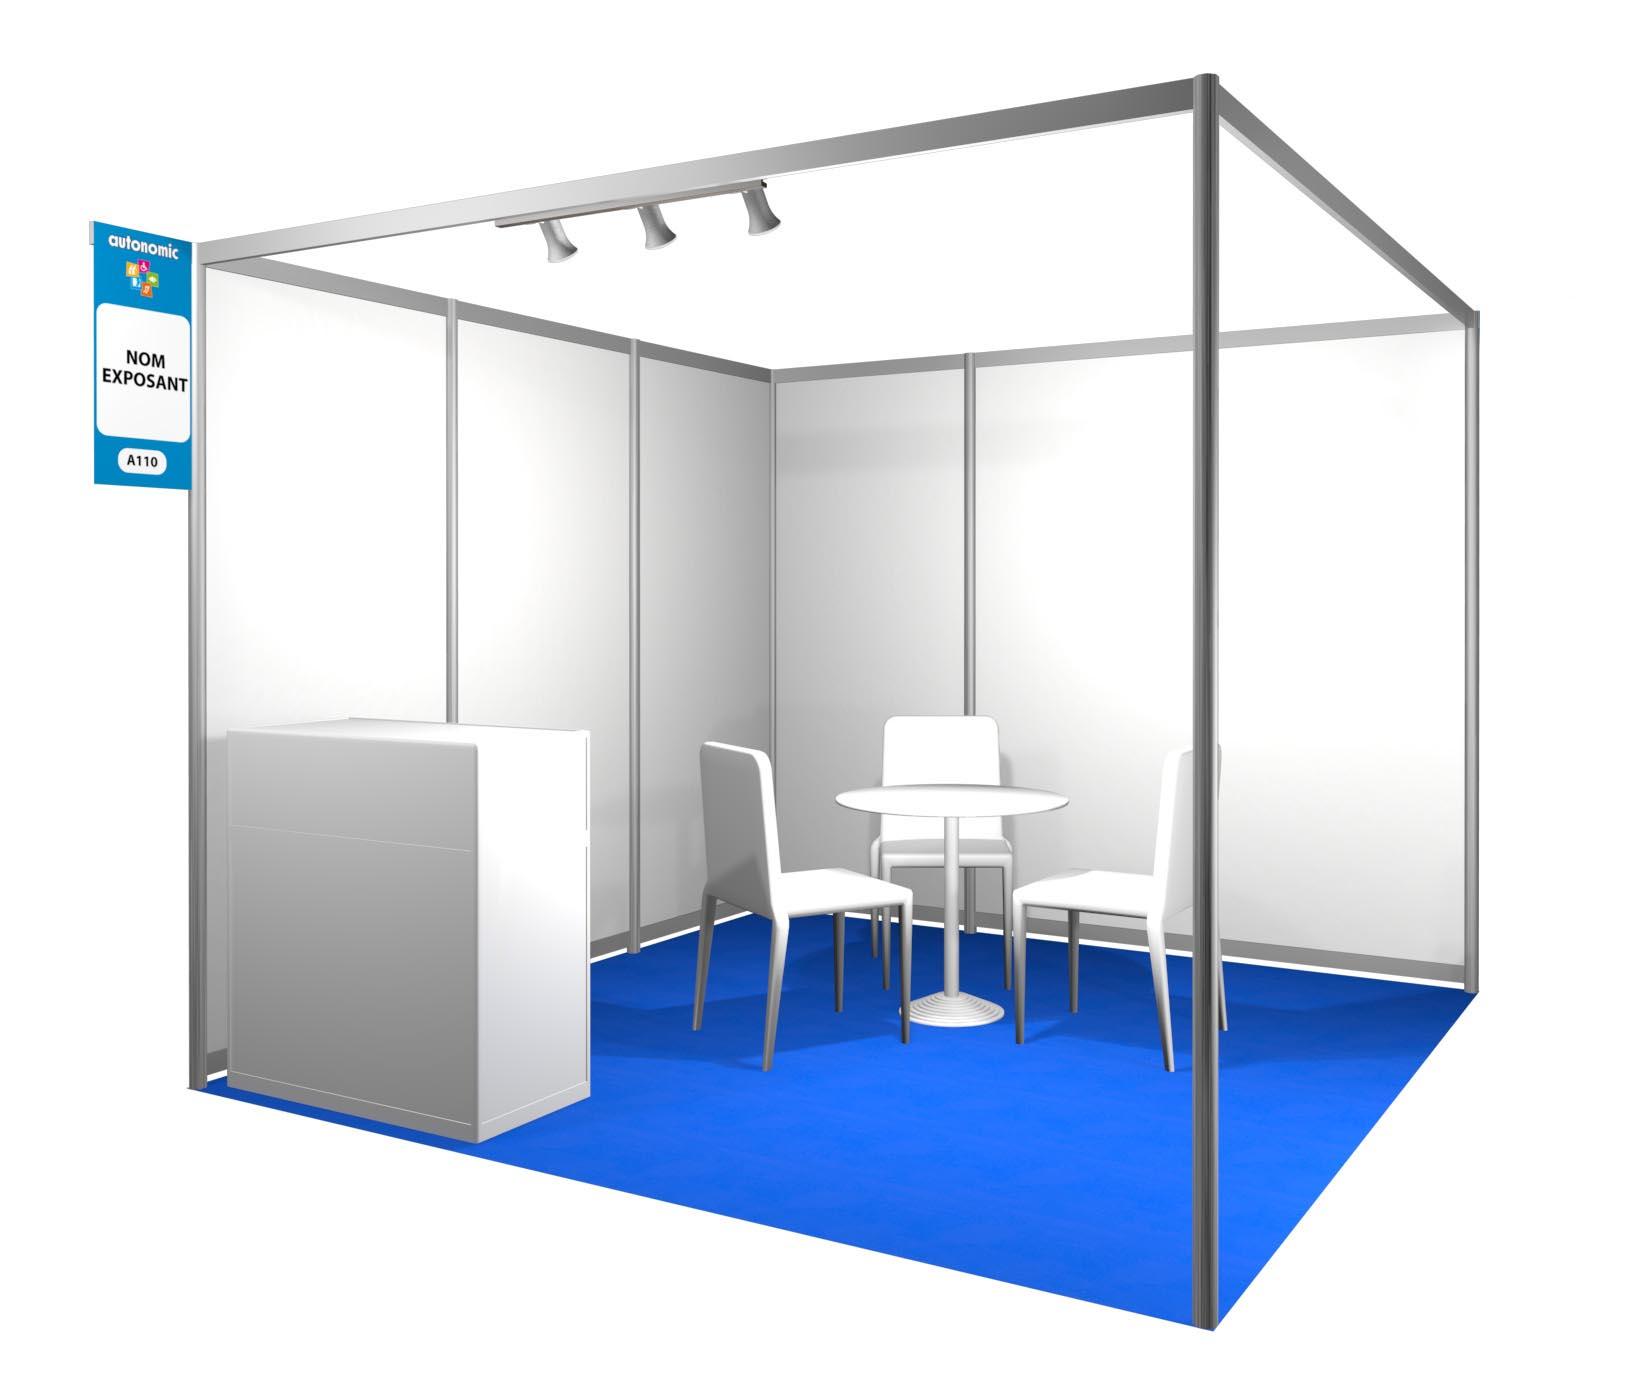 Exposer handica lyon le salon pour l 39 autonomie tous for Cloison stand salon